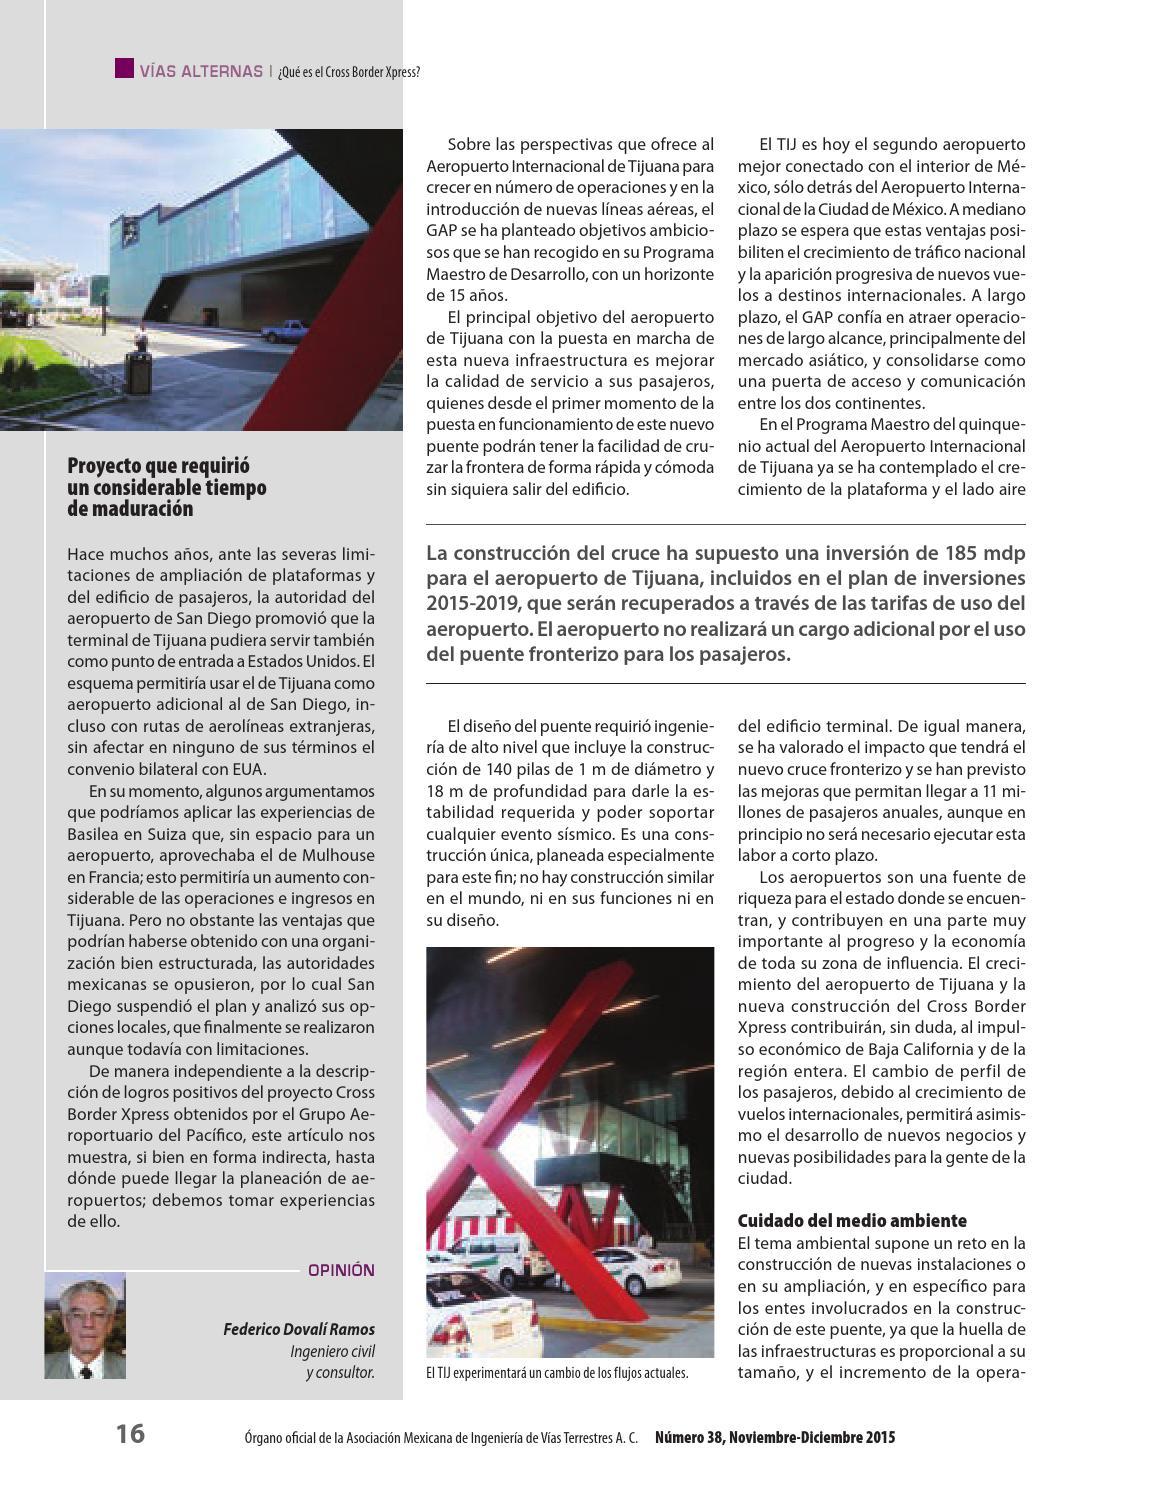 a9b1ddf80ca34 Revista Vías Terrestres 38 noviembre-diciembre 2015 by Helios Comunicación  - issuu